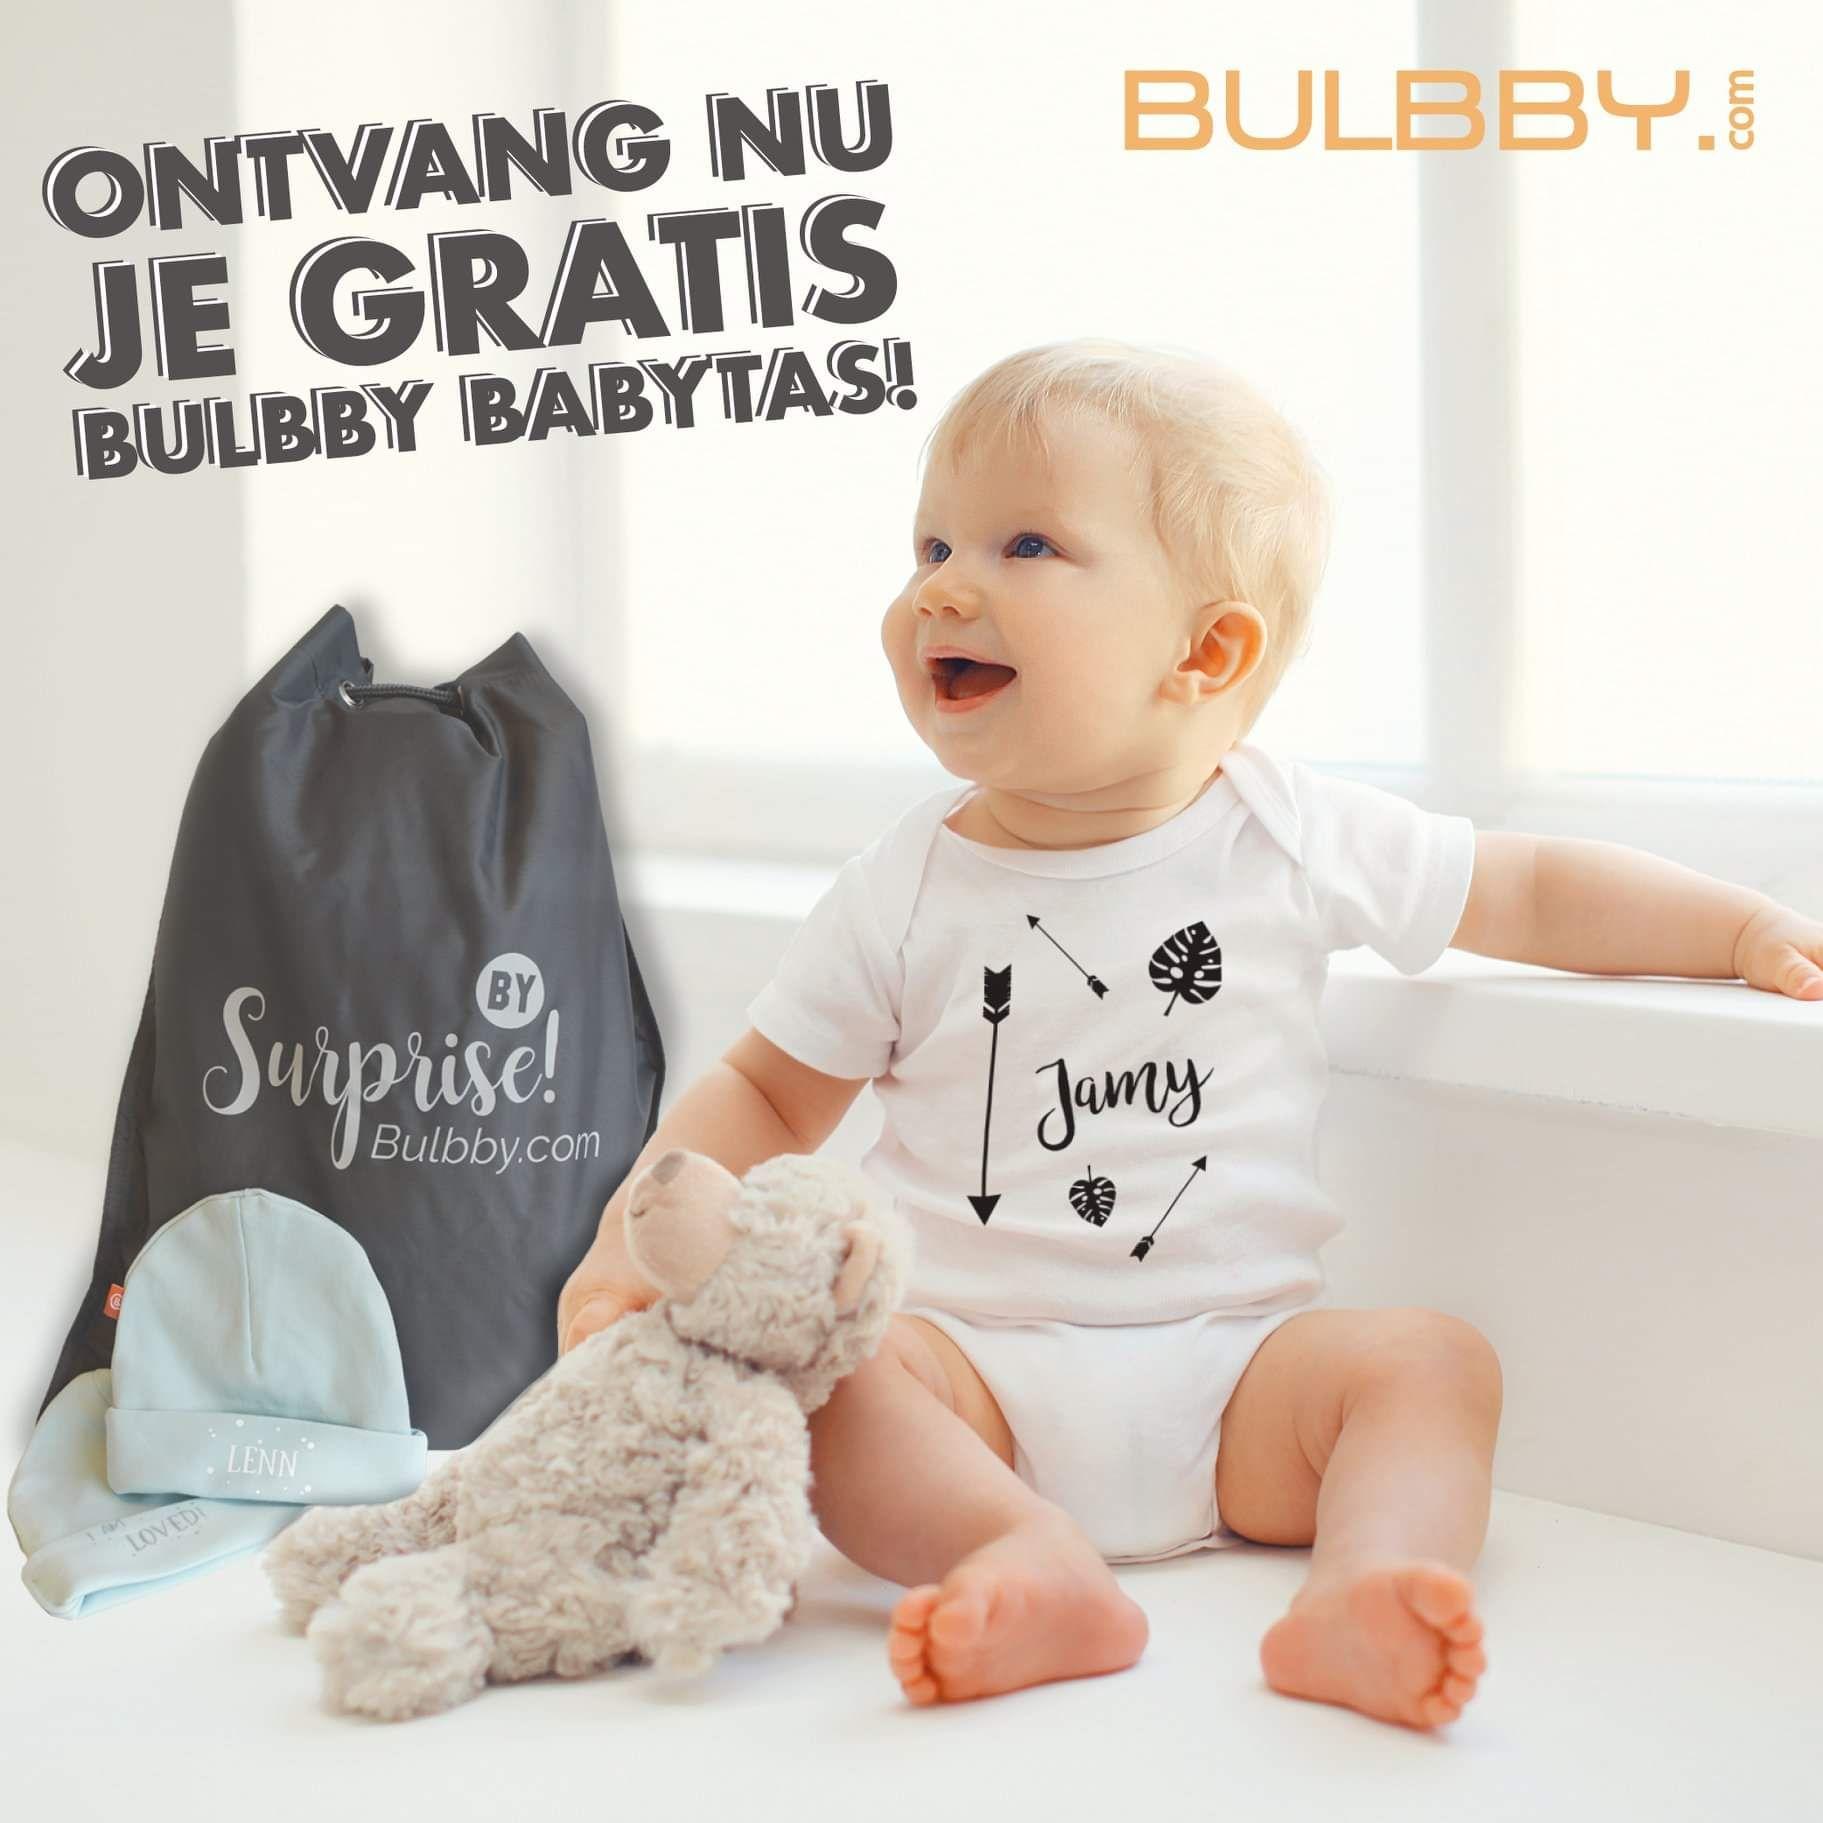 Gratis bulbby babytas incl. mutsje met naam